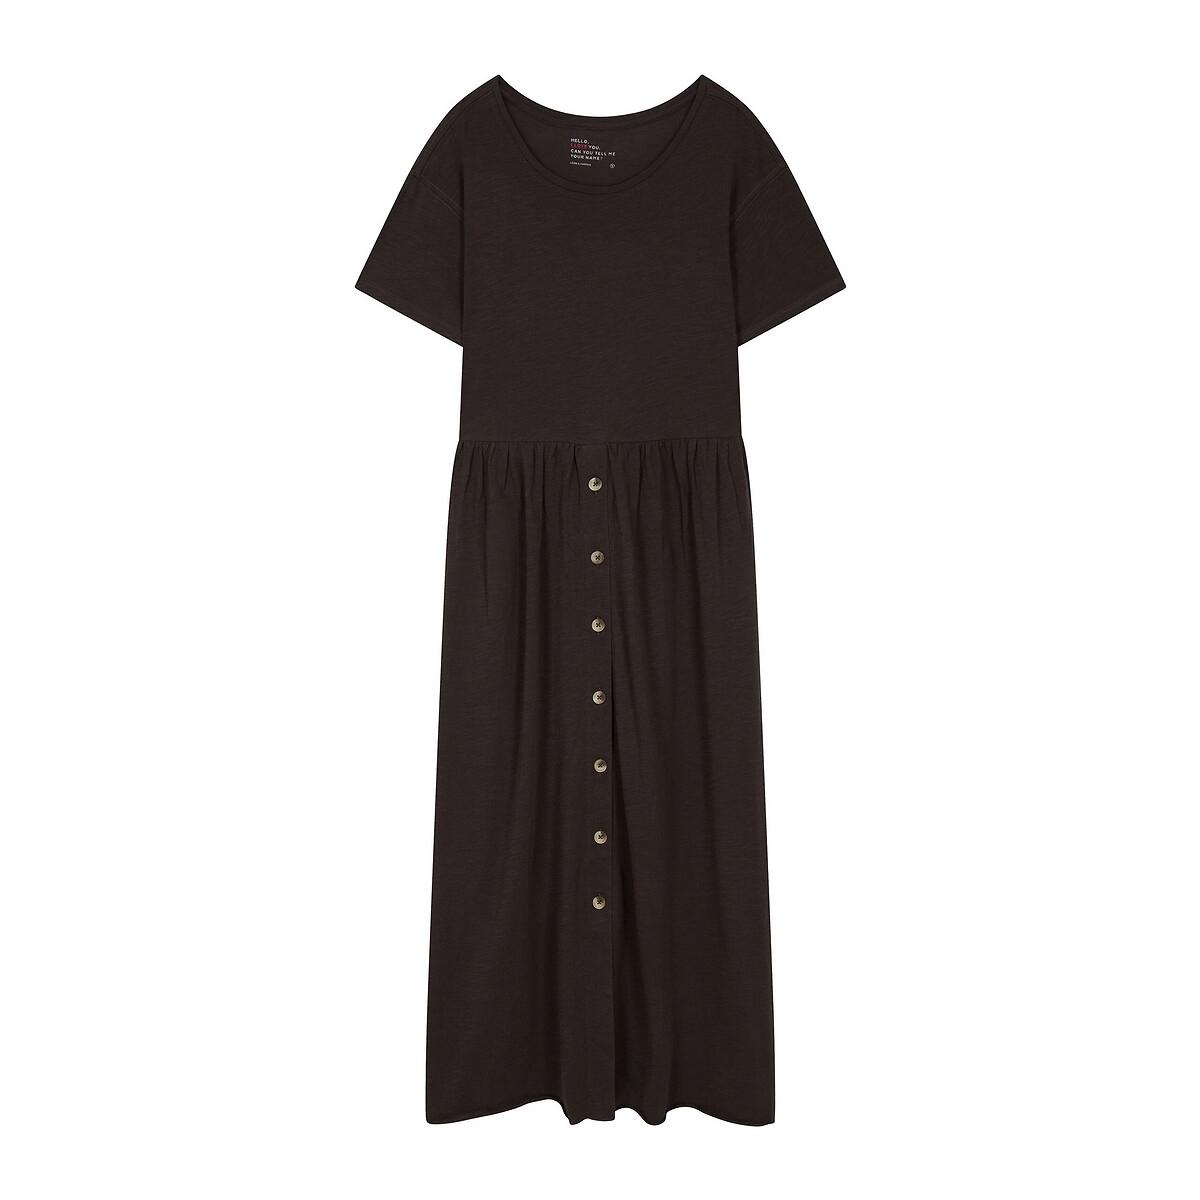 Платье La Redoute С круглым вырезом из биохлопка миди REVA S черный свитшот la redoute с круглым вырезом и вышивкой s черный